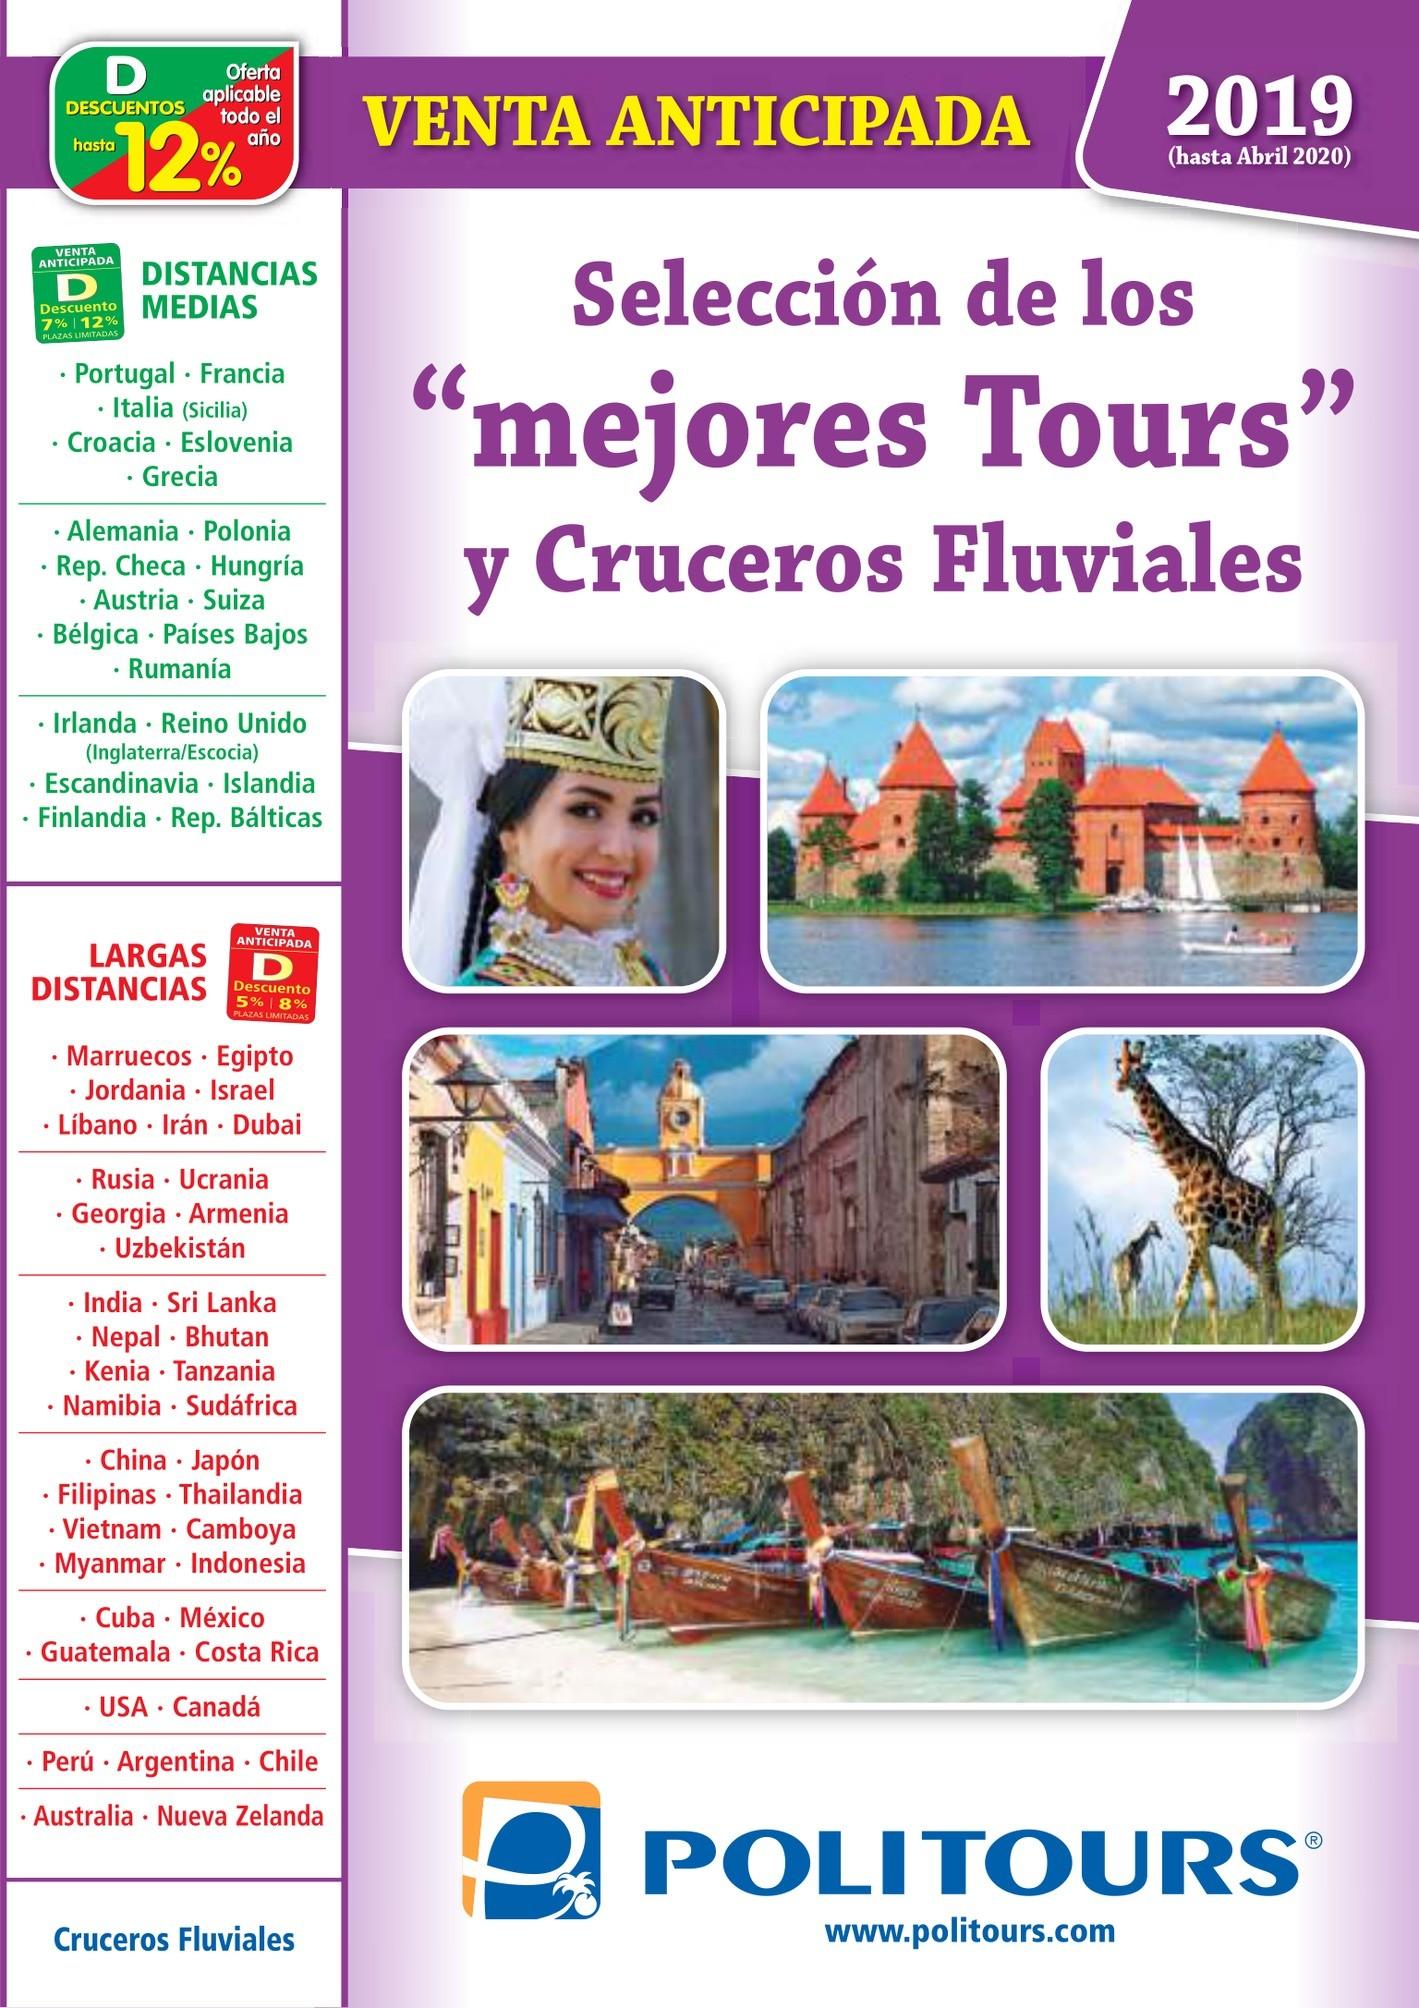 Calendario 2019 Mexico Semana Santa 2020 Mejores Y Más Novedosos Politours Of Calendario 2019 Mexico Semana Santa 2020 Más Actual Herediano Vs Tigres